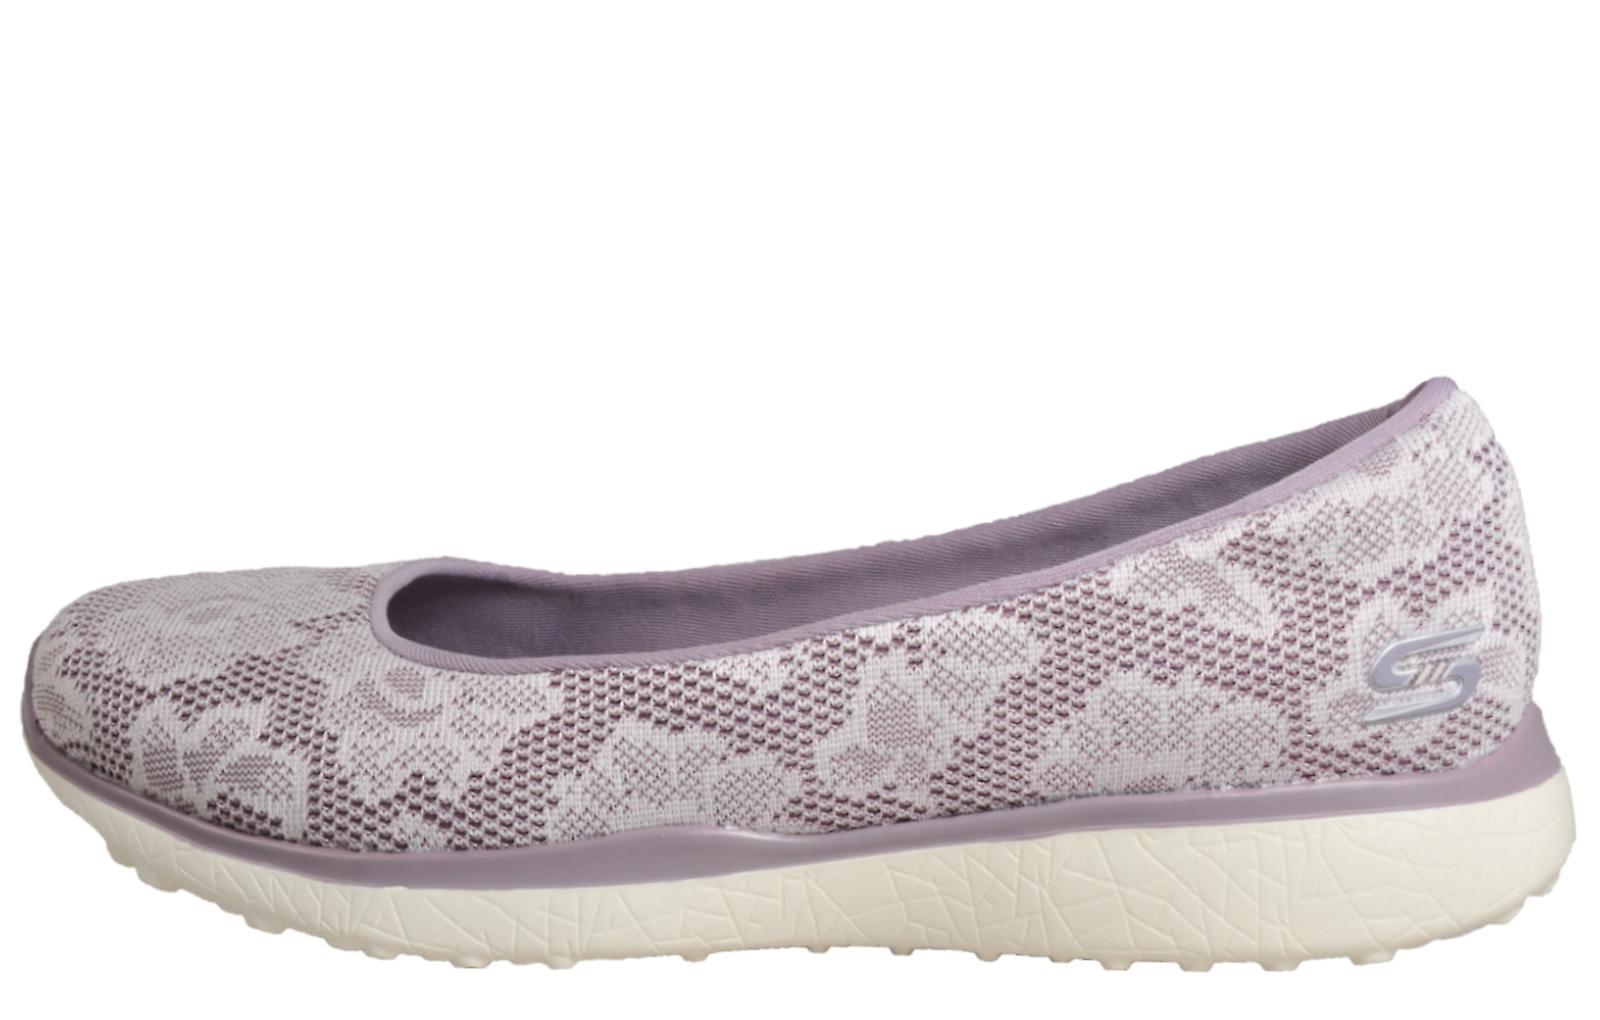 Skechers Microburst Memory Foam Soft Lavender - White